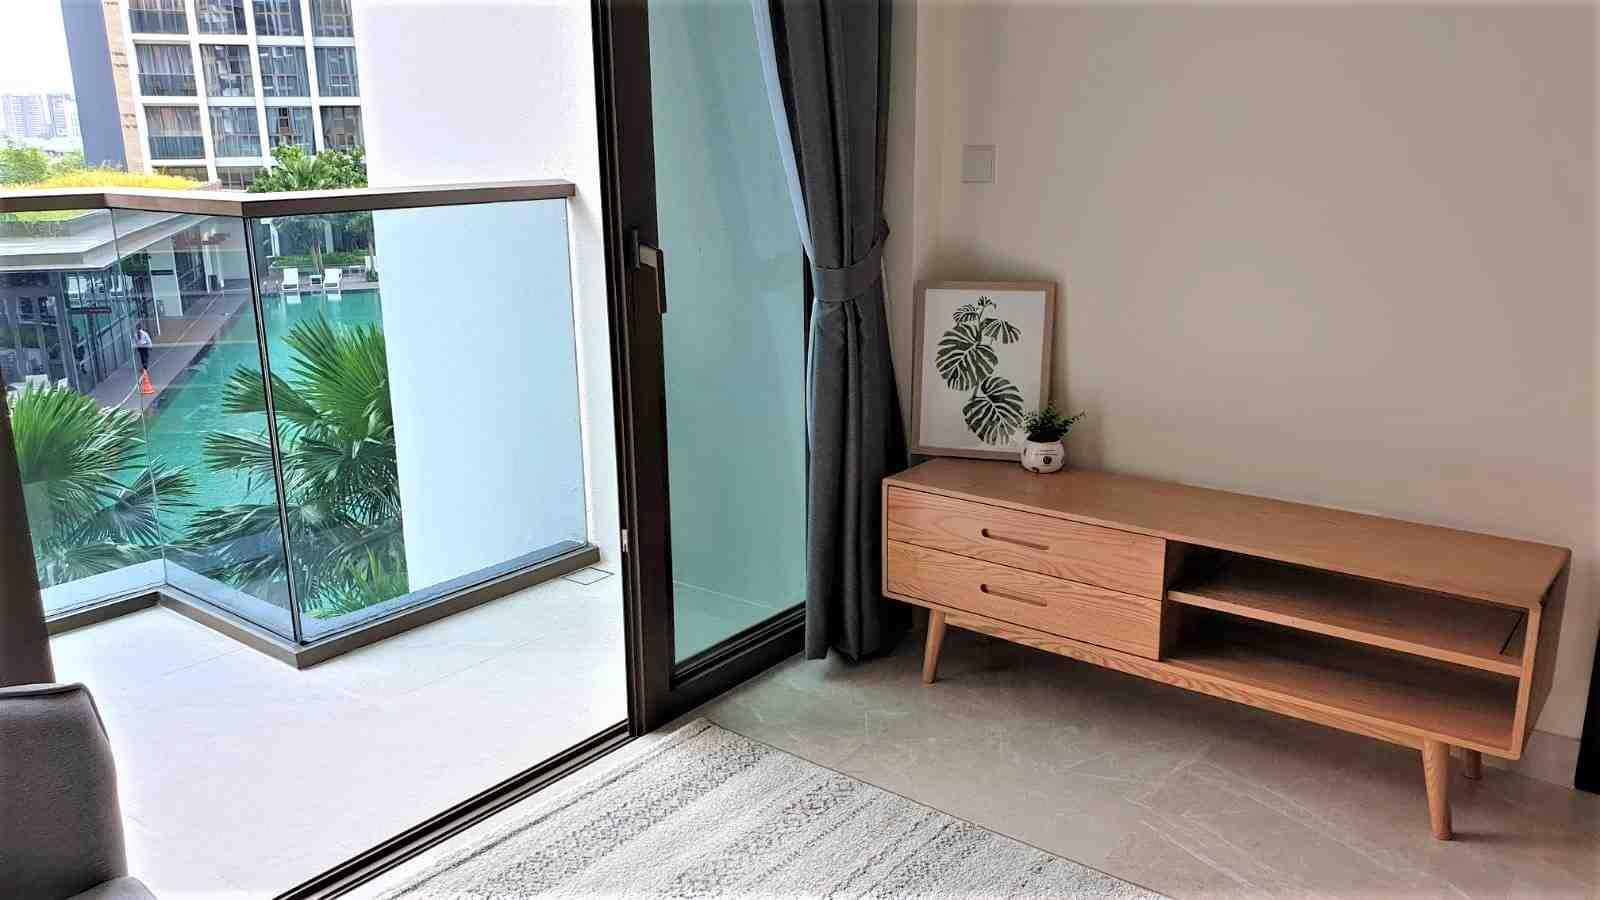 Ppr livingroom2